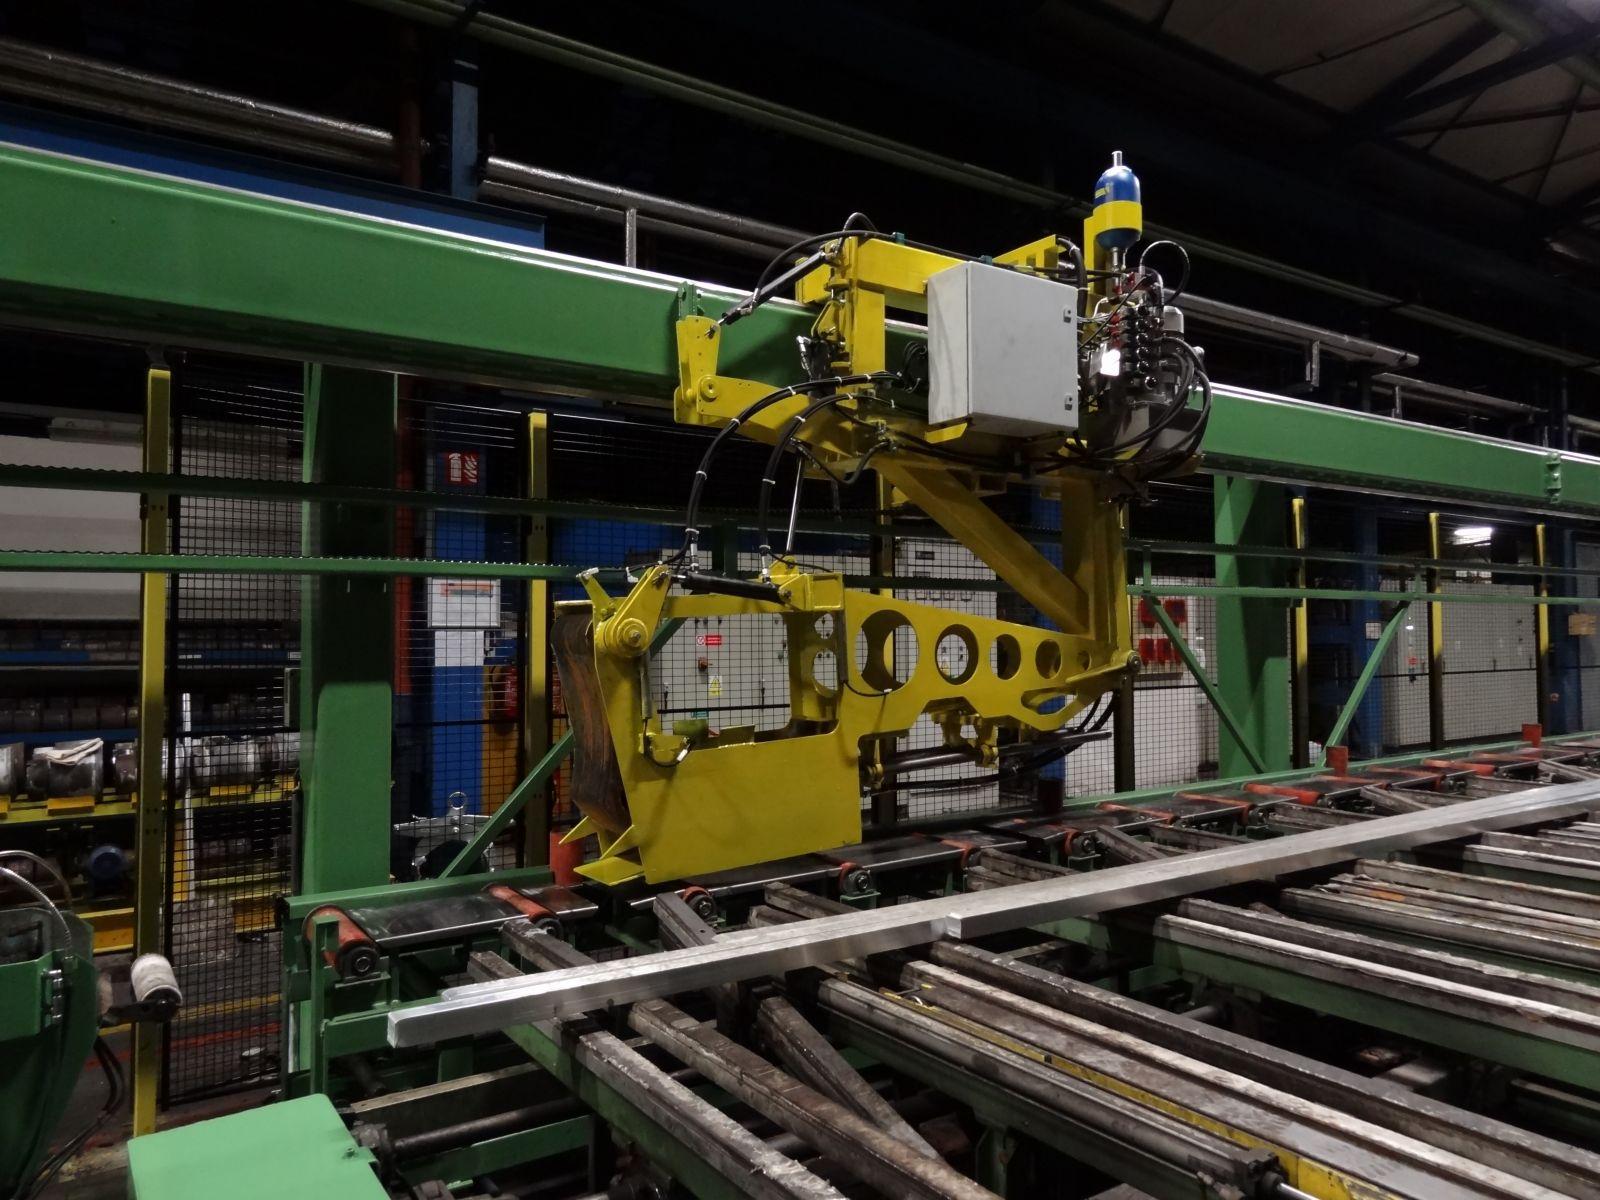 Výroba a dodávka strojů a strojních zařízení, manipulátorů, dopravních linek a jednoúčelových strojů v průmyslu